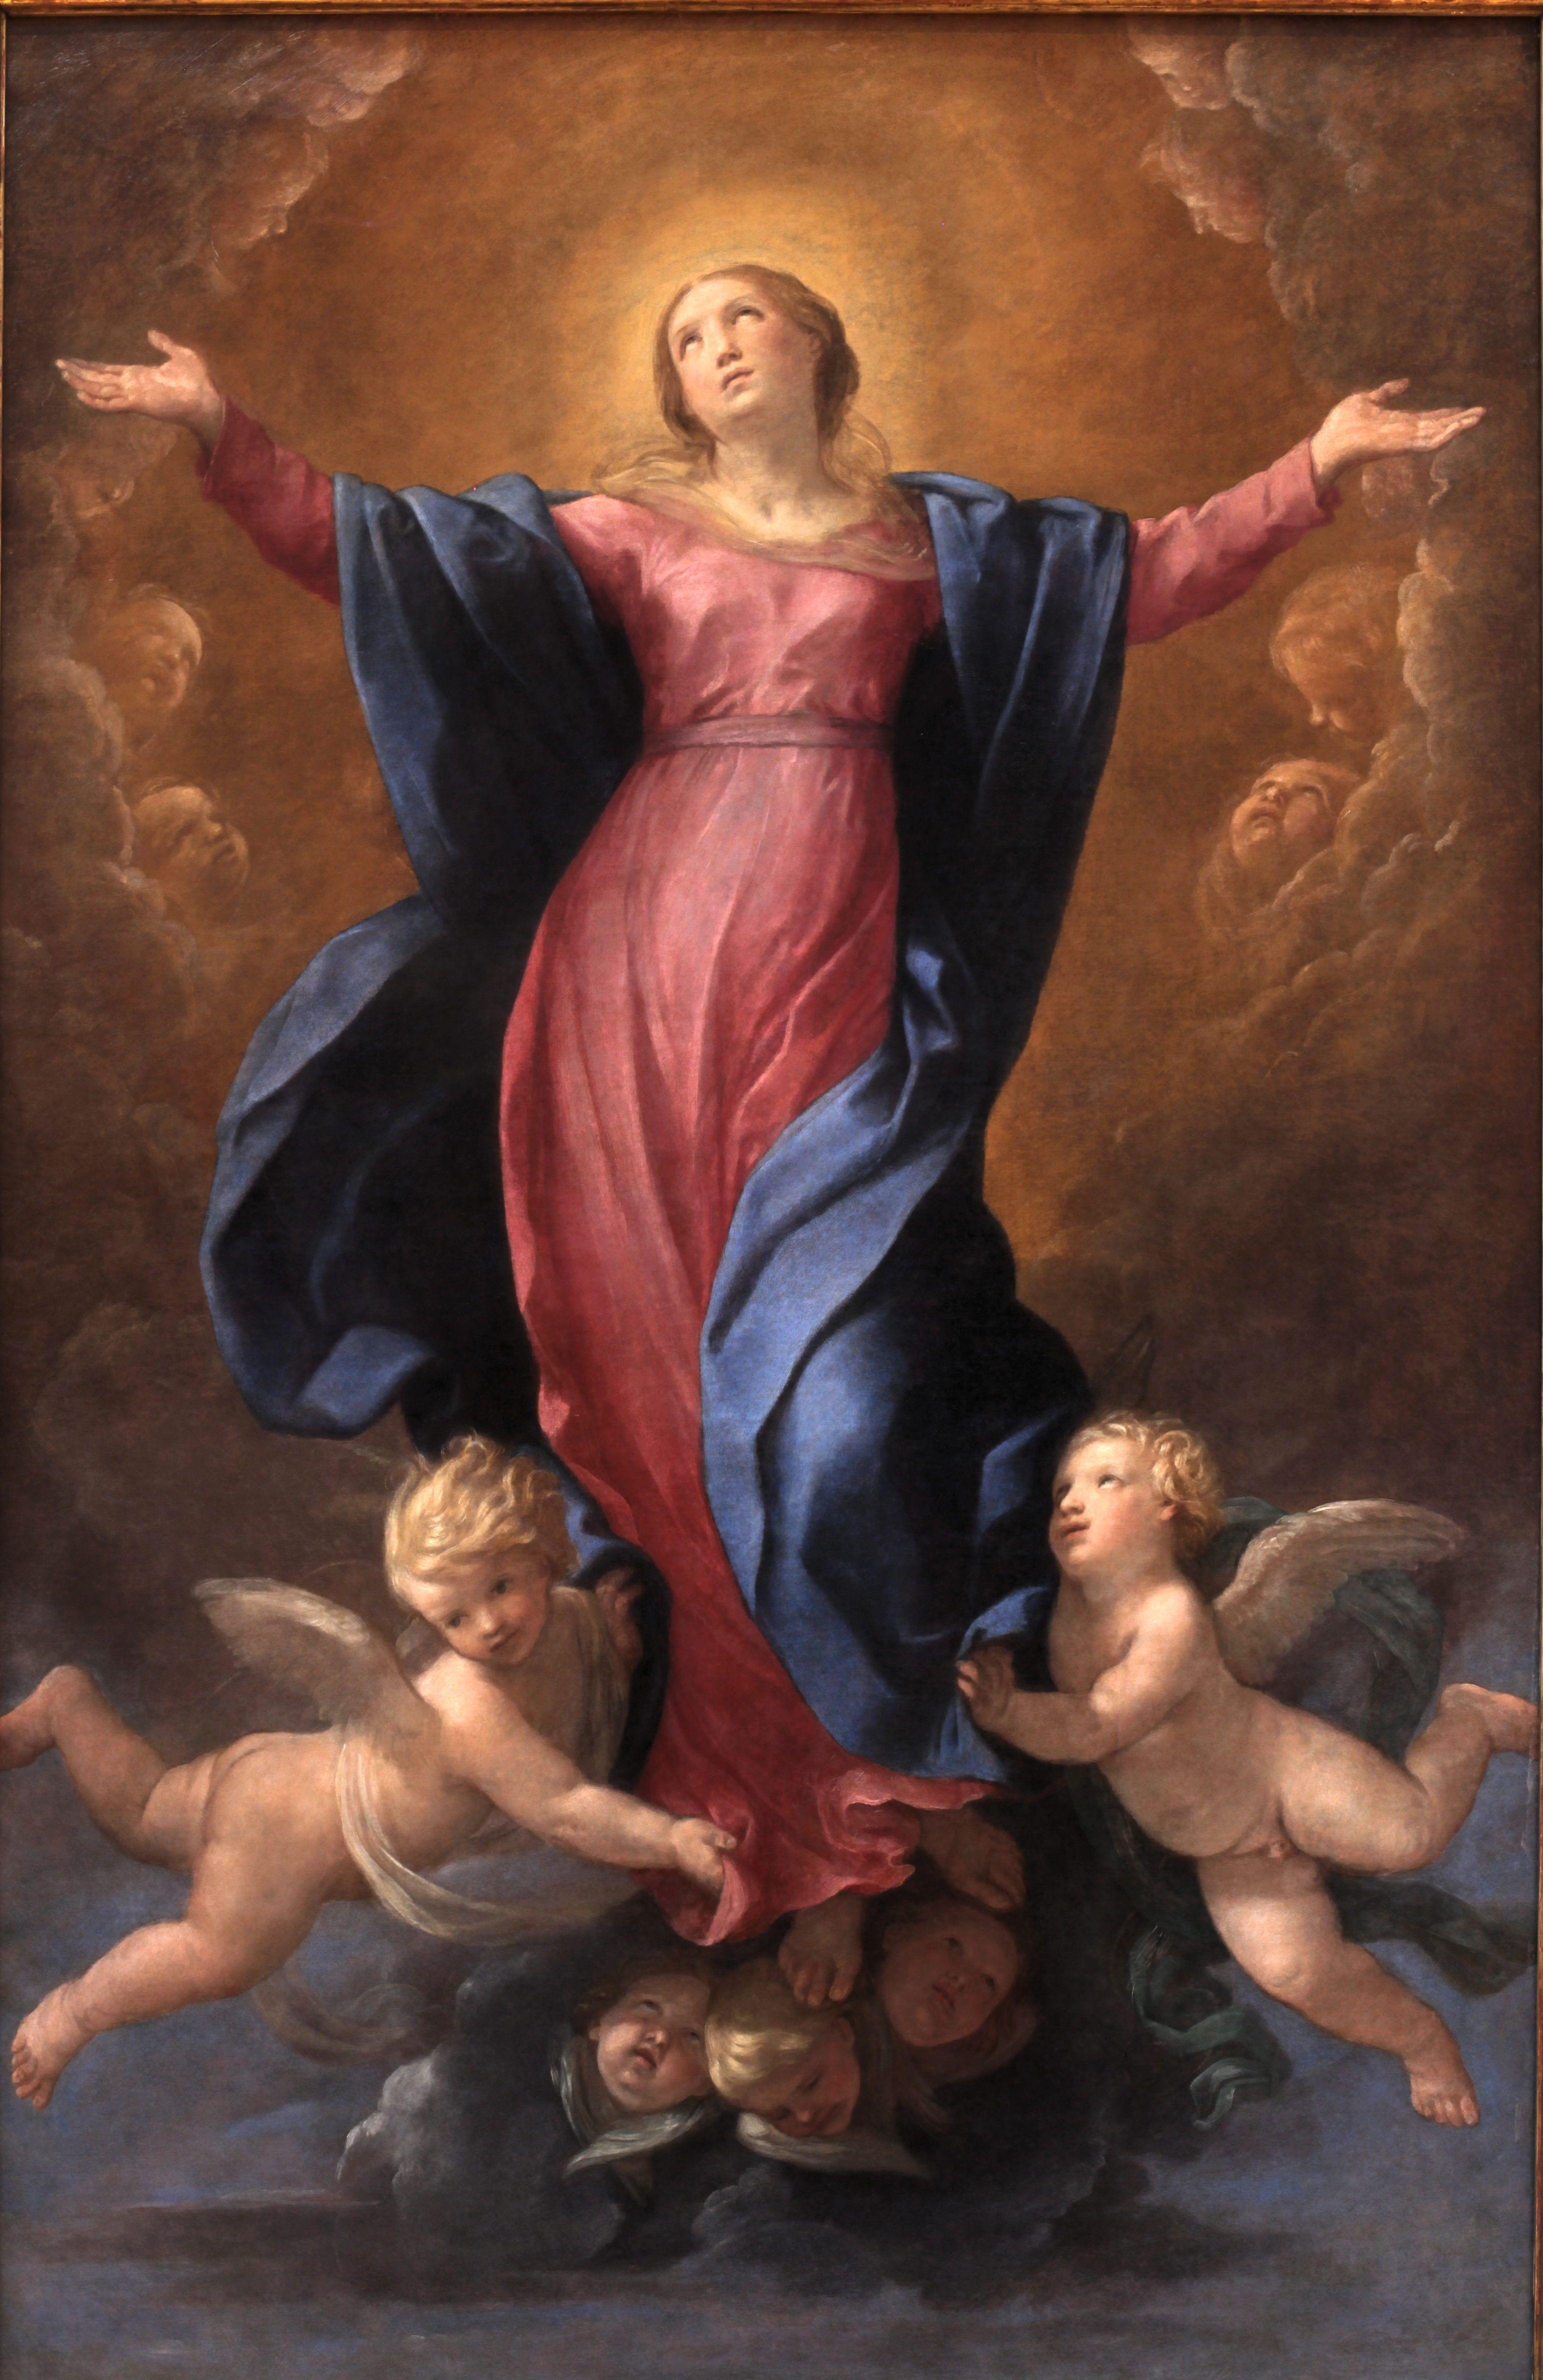 Assumption of the Virgin - Guido Reni | Guido Reni /Guercino ...